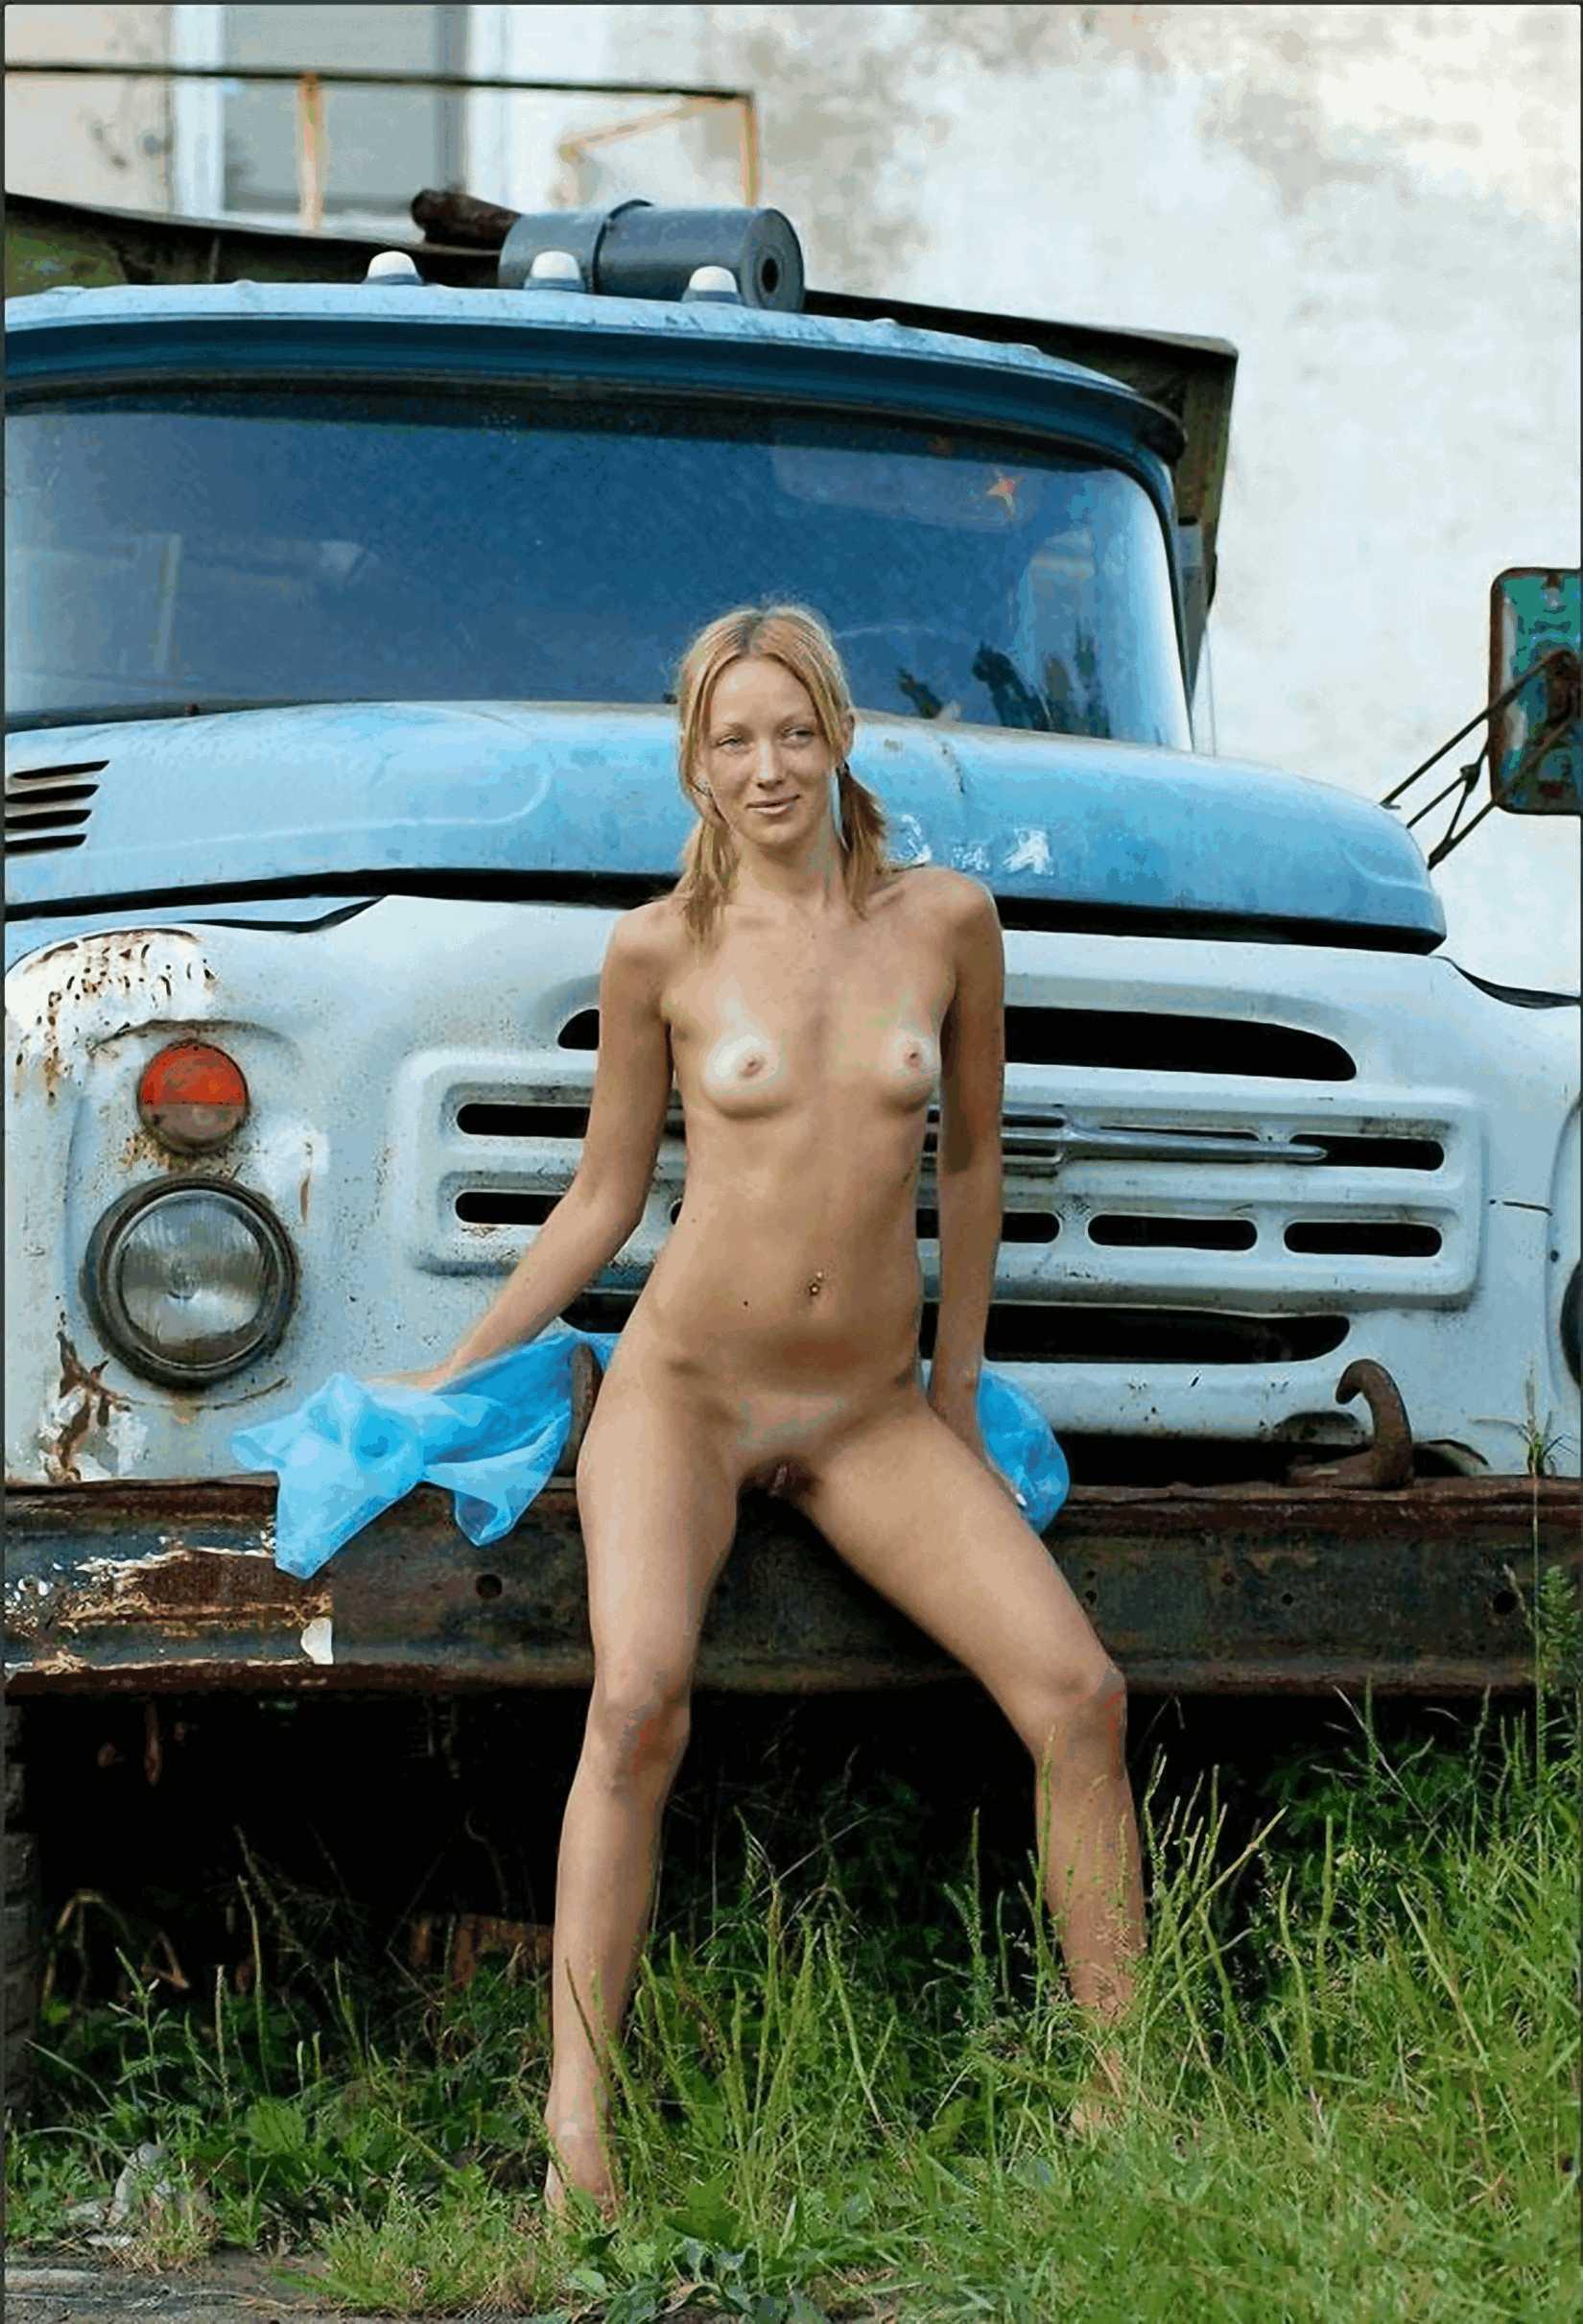 Фото голых девушек на авто частное 6 фотография